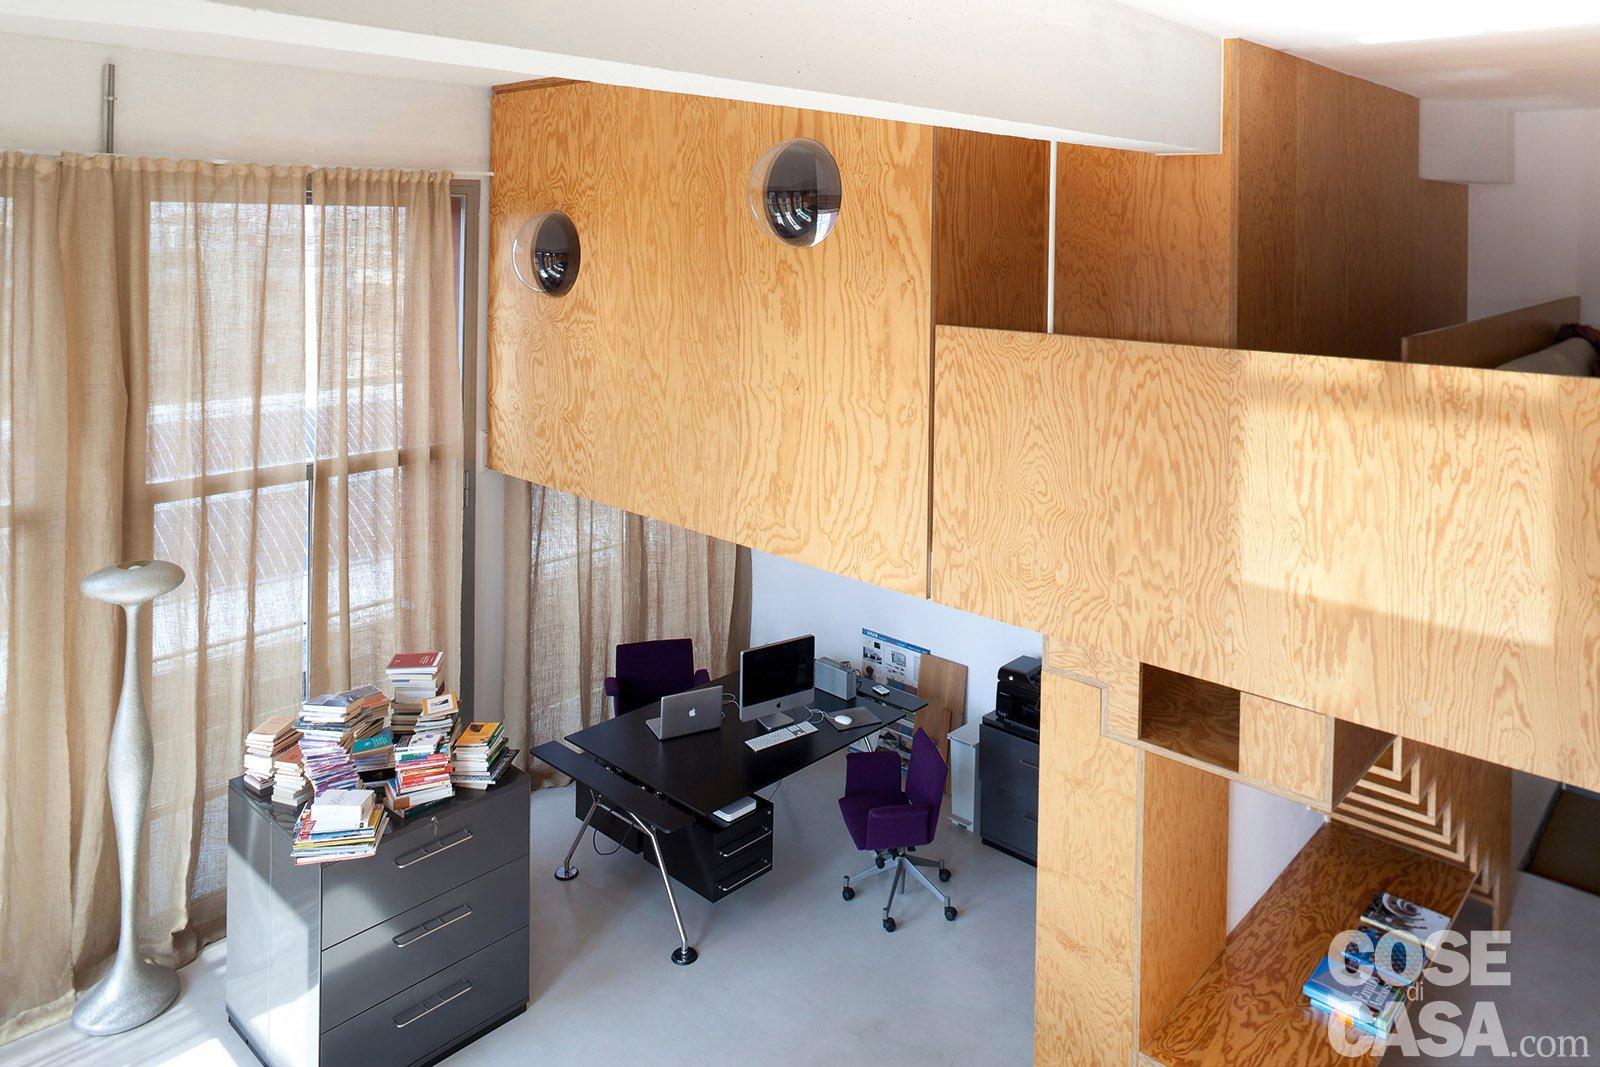 Idee Per Soppalco In Legno loft: una casa con materiali protagonisti e soppalco per